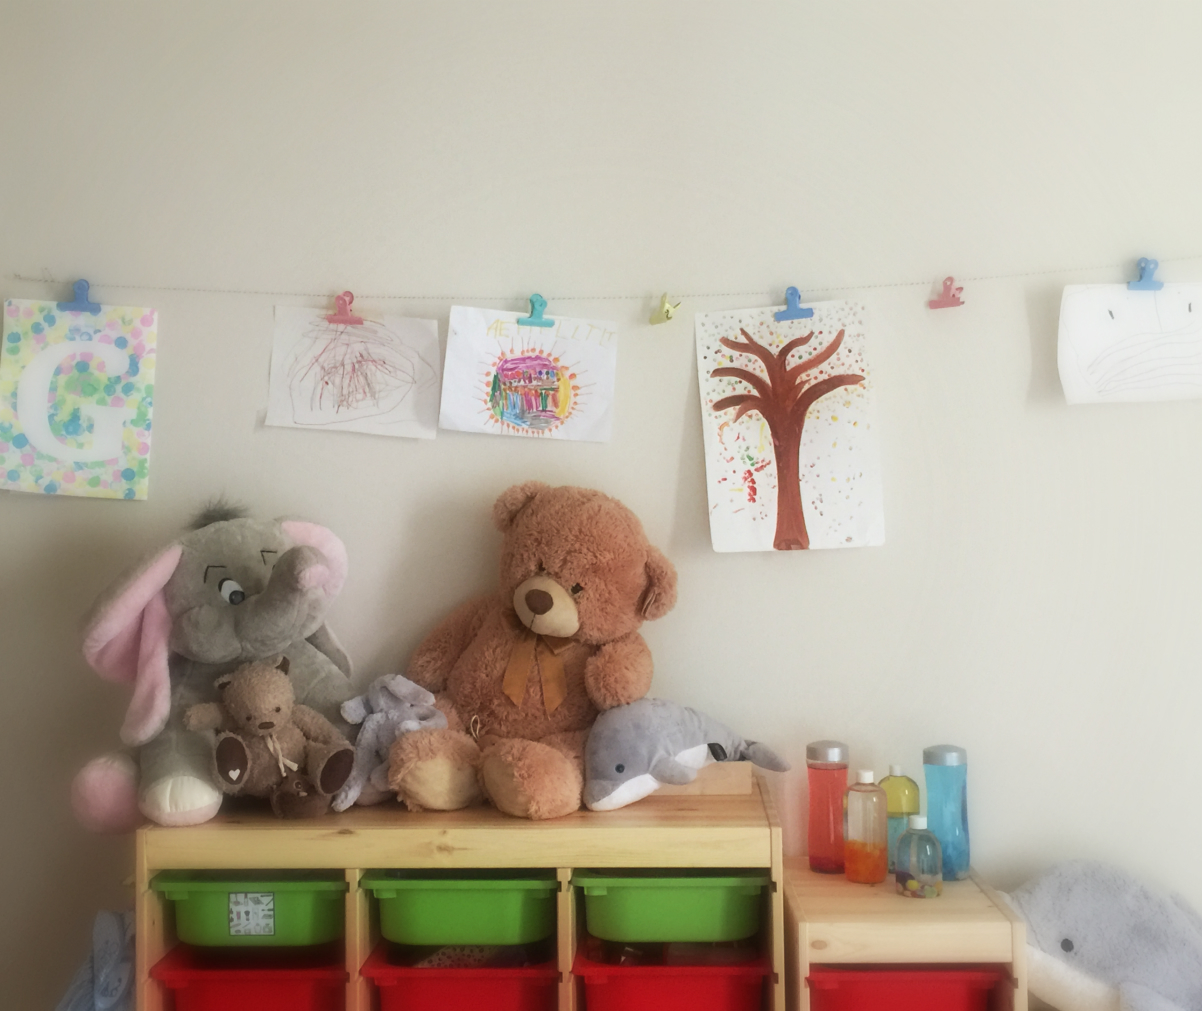 Disegni camera bambini minimalista cameretta neonato colorata disegni per camerette bambini con - Camera per bambini usata ...